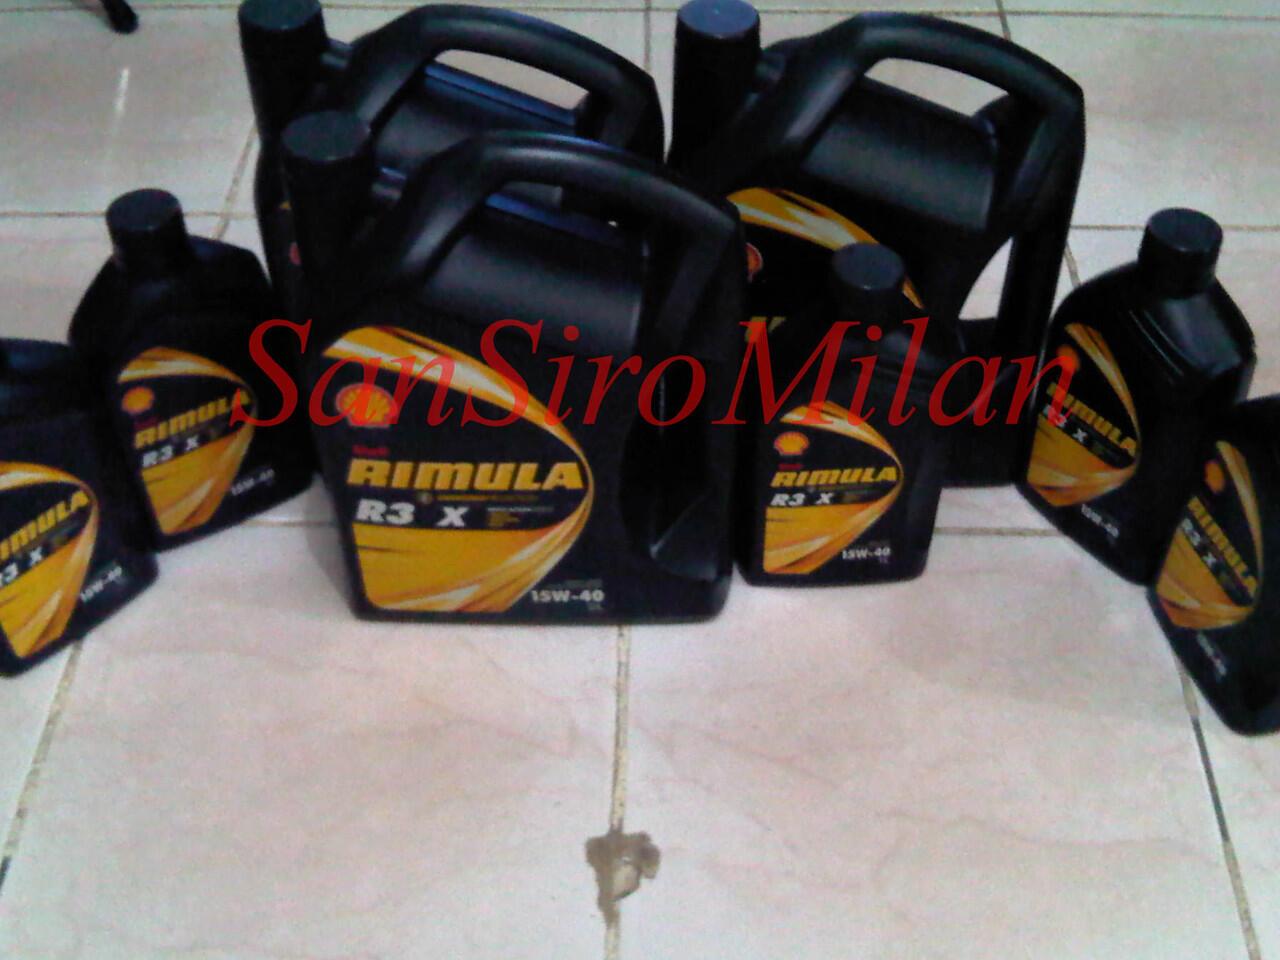 Terjual Oli Diesel Idemitsu Mobil Delvac Repsol Super